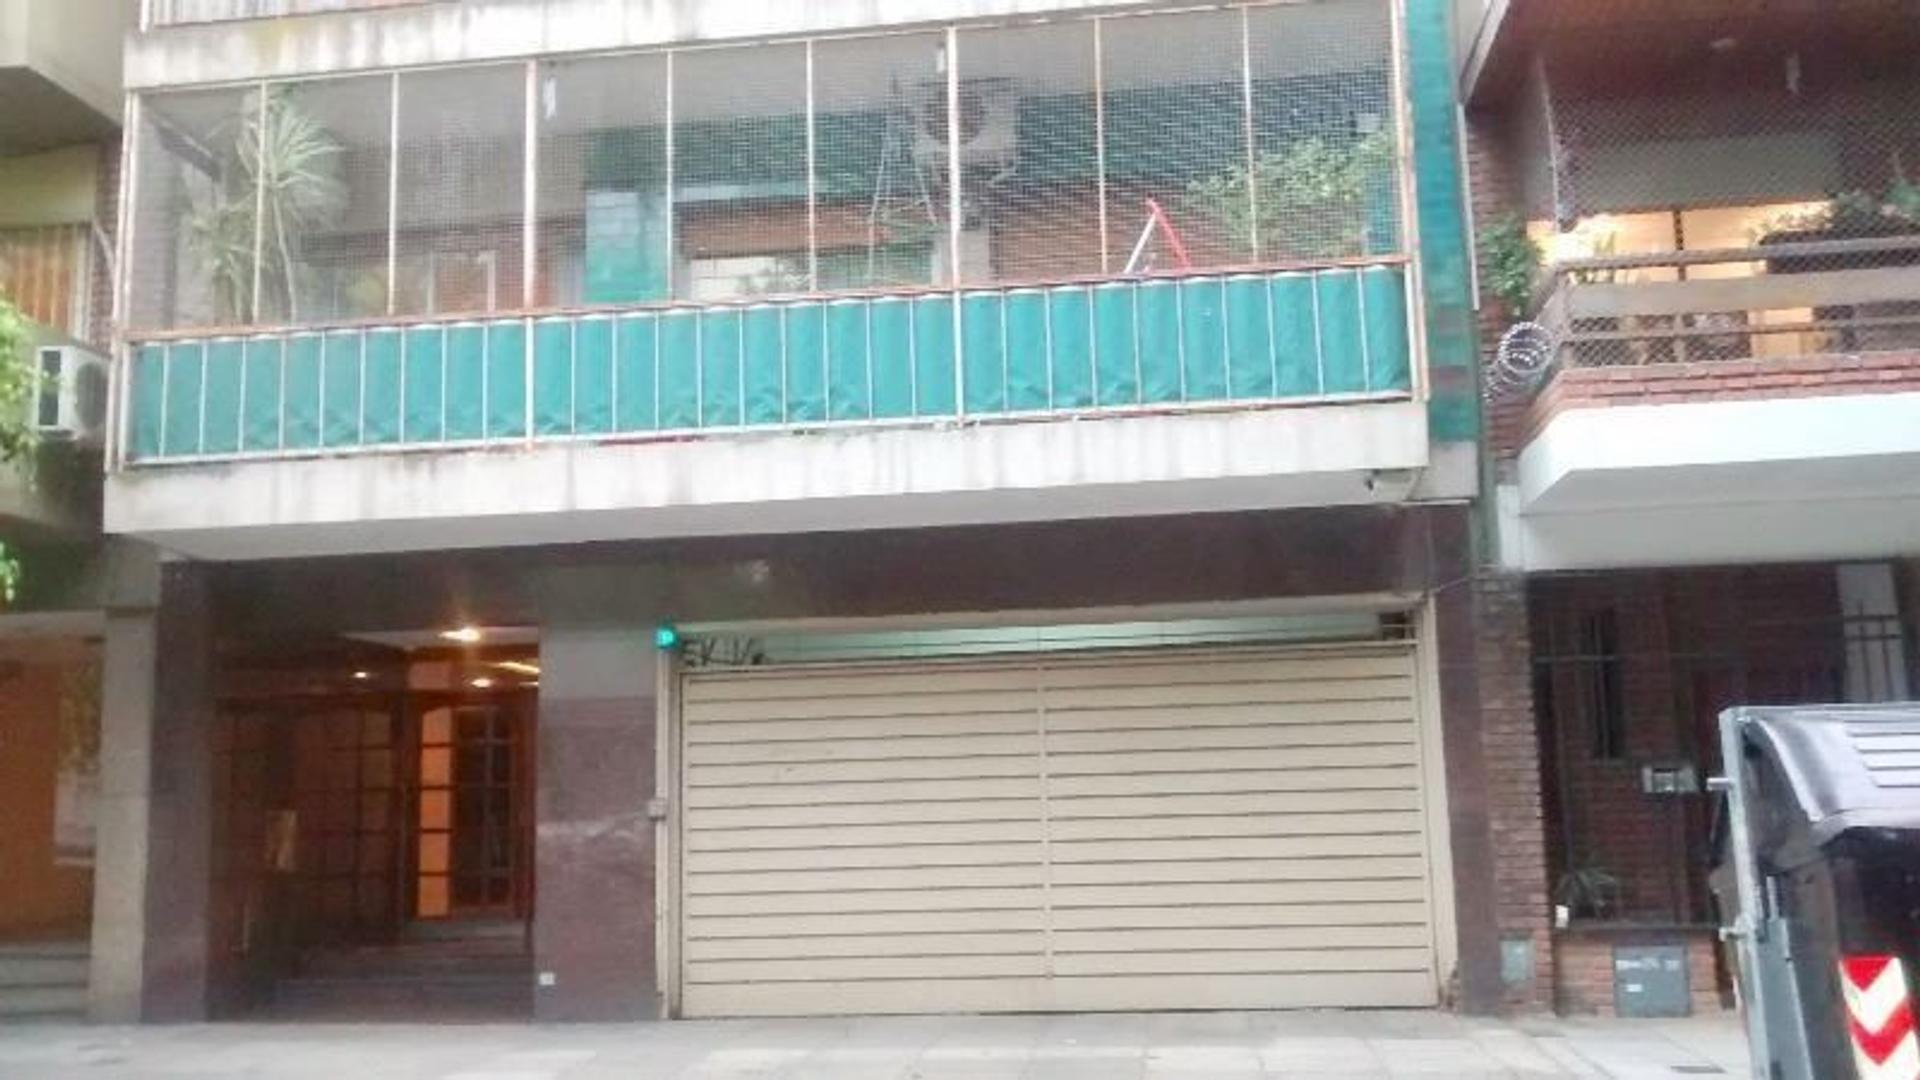 4 AMBIENTES 82 M2 EN DÚPLEX. 3 BAÑOS.COCHERA CUBIERTA. 8 PISO CONTRAFRENTE. VISTA PANORAMICA..